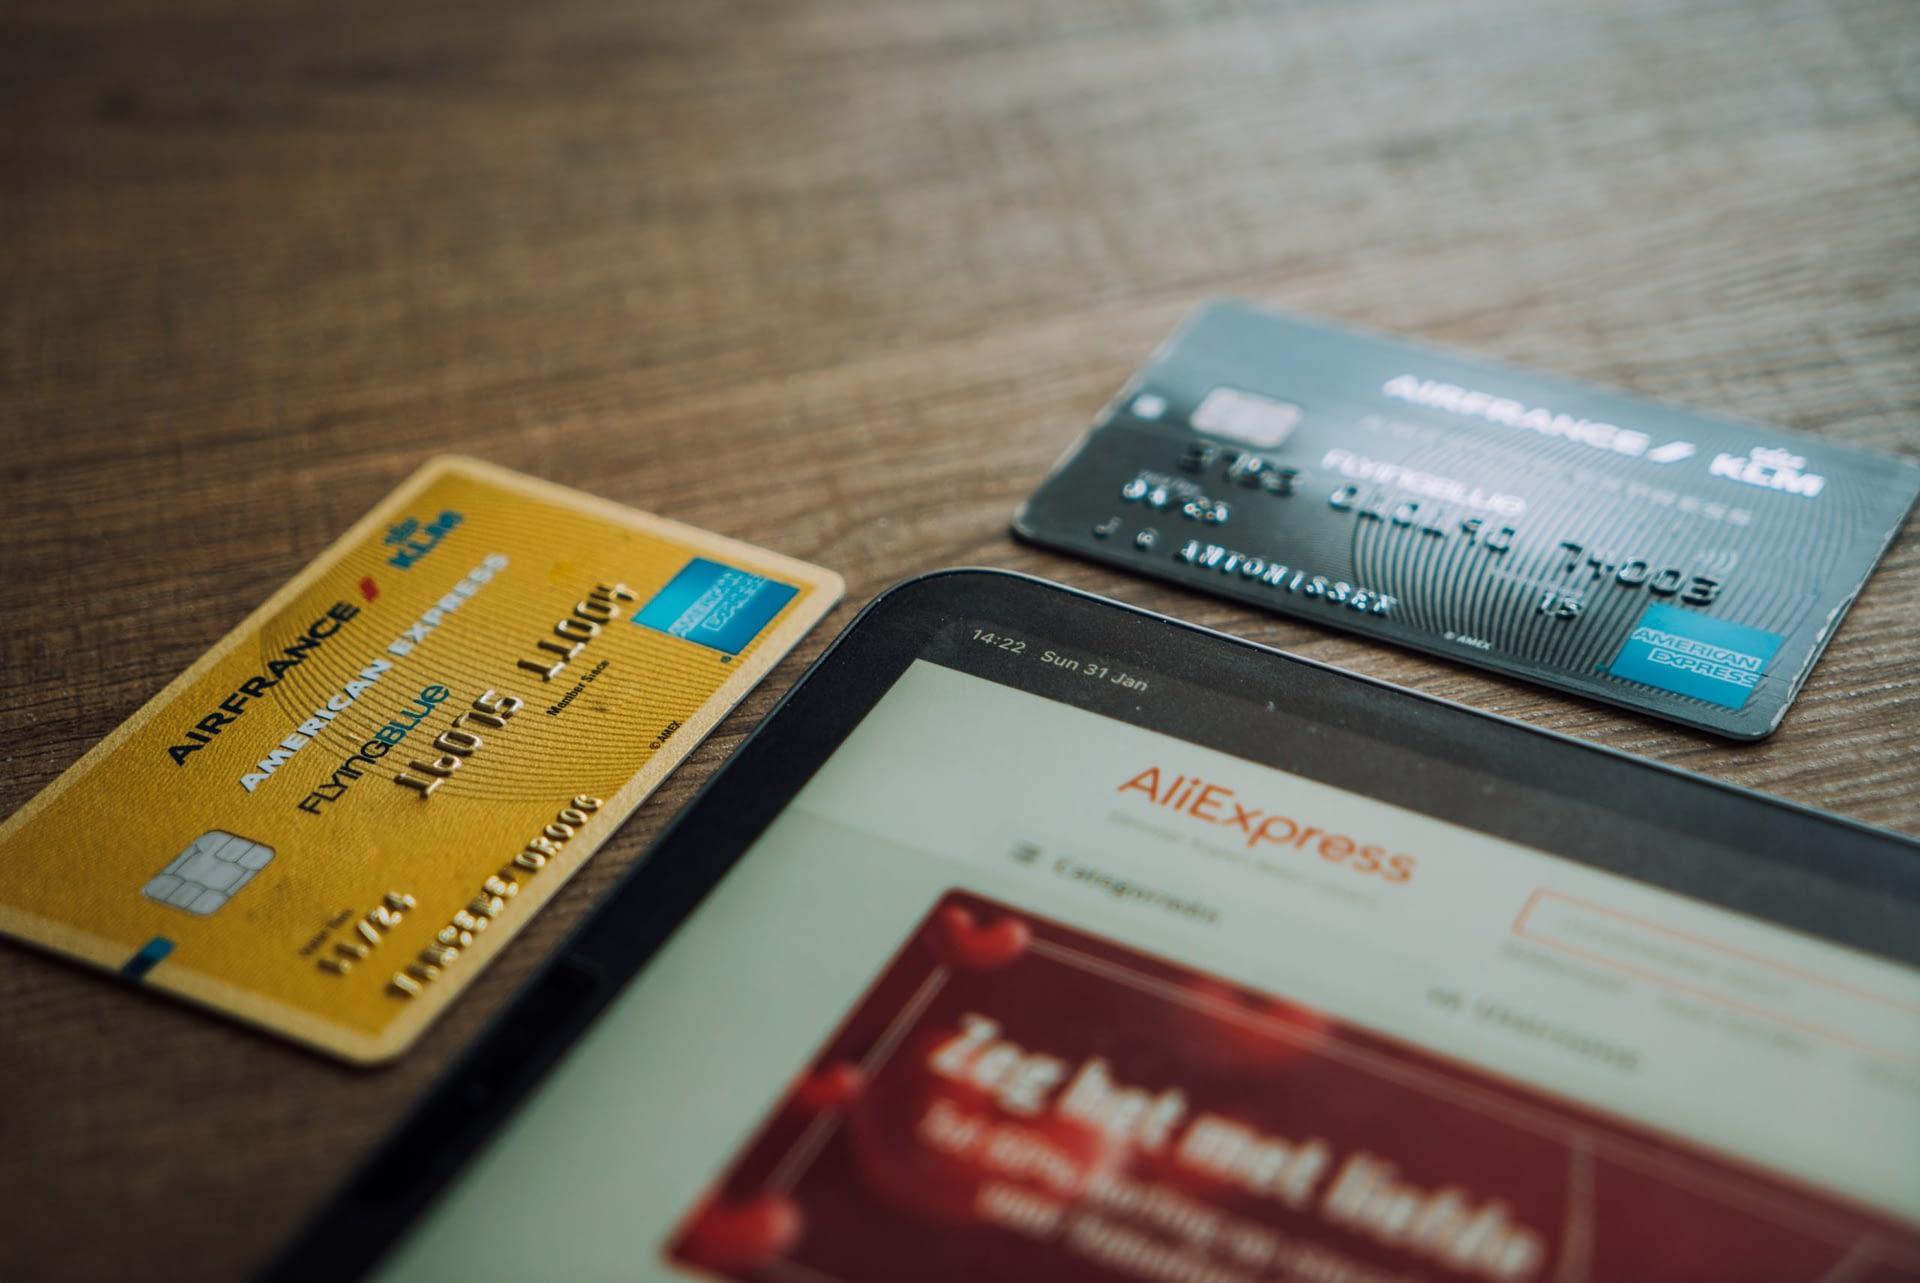 Finansinspektionen föreslår nya råd för kreditmarknaden